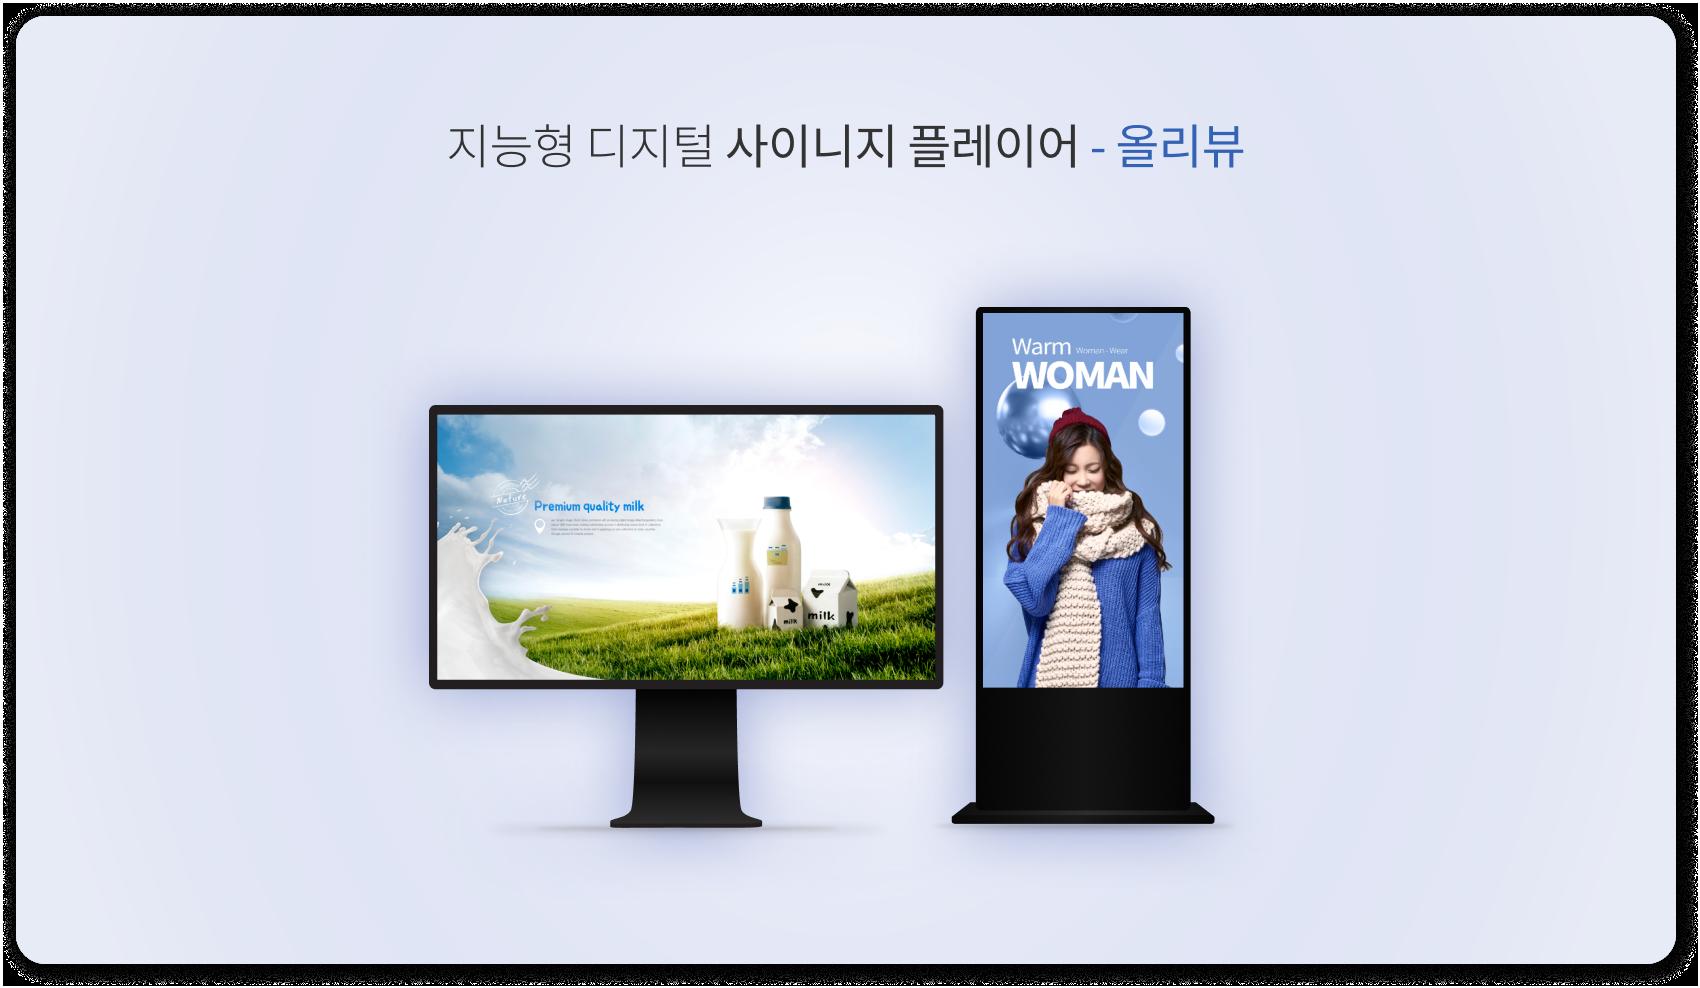 지능형 디지털 사이니지 플레이어 - 올리뷰